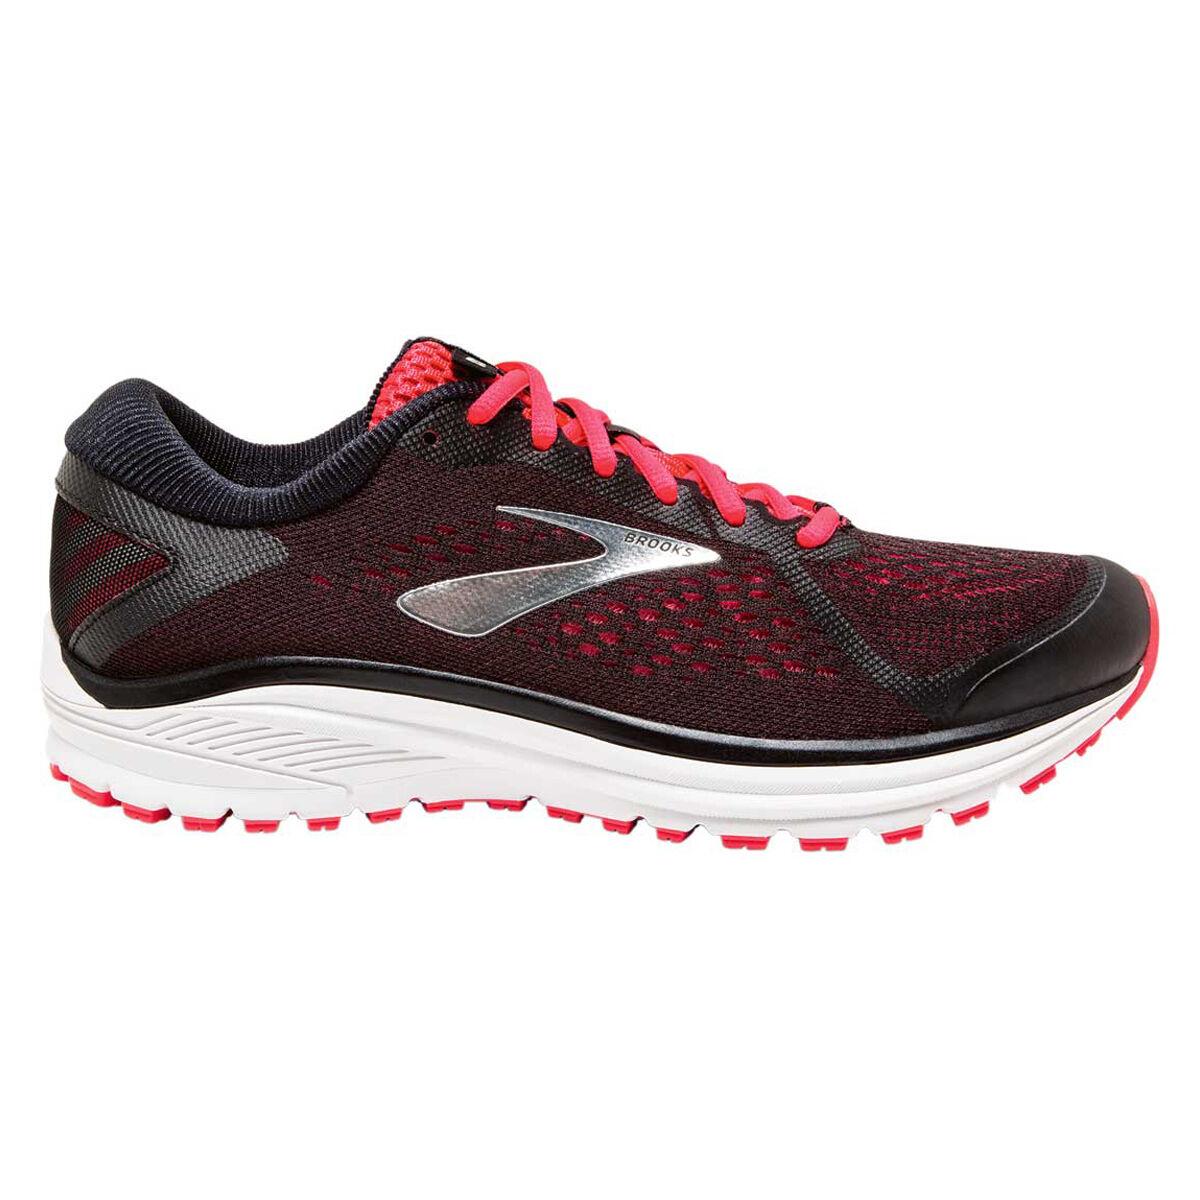 Brooks Aduro 6 Womens Running Shoes